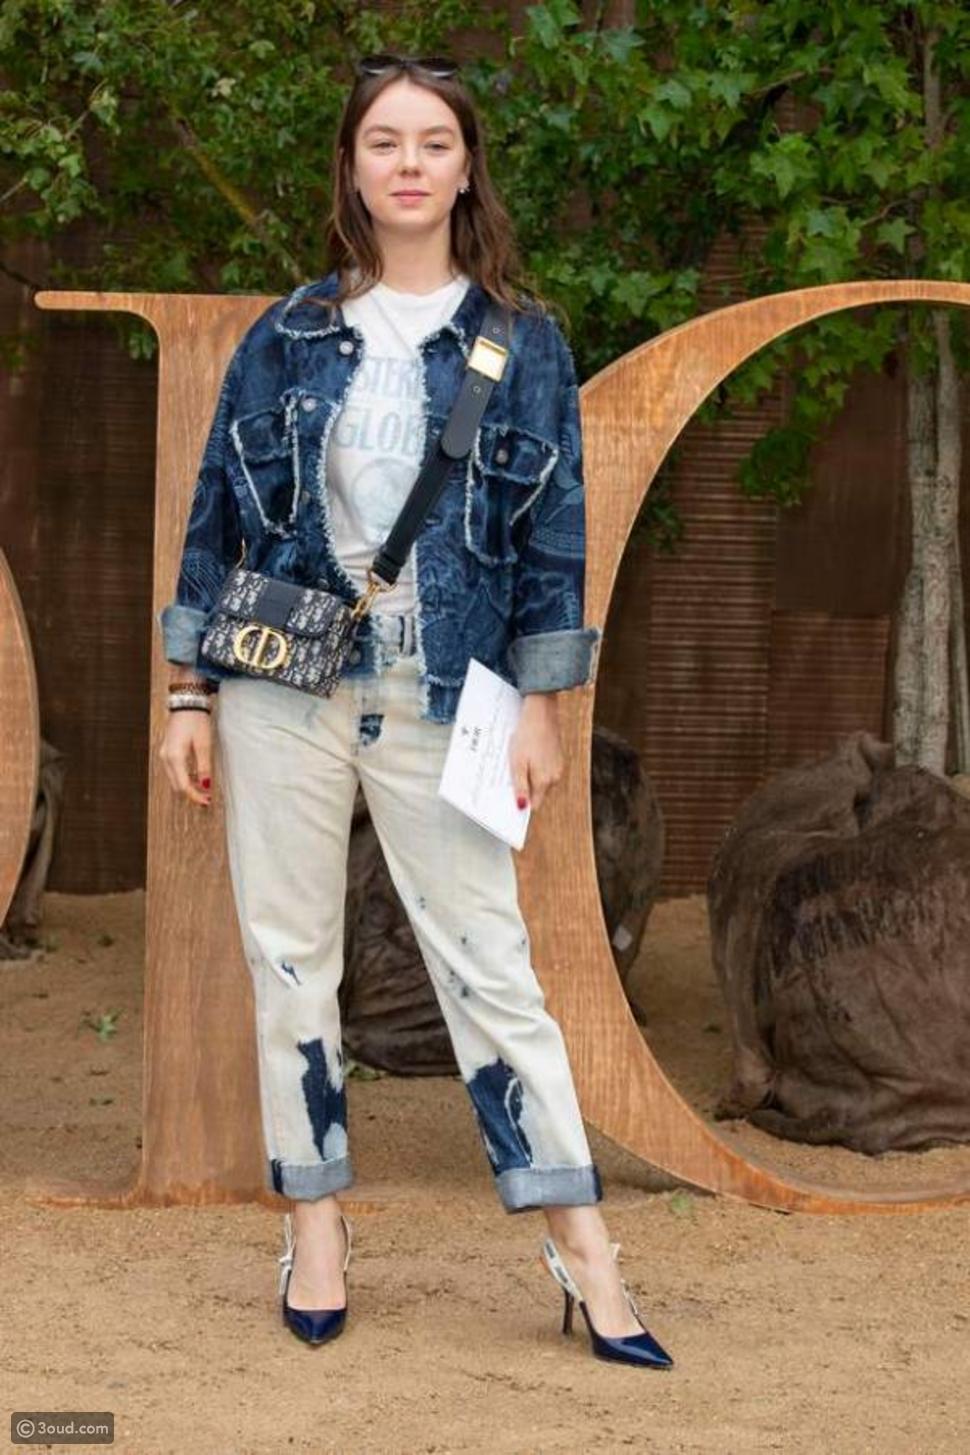 الأميرة ألكسندرا دو هانوفر تتألق في أسبوع الموضة الفرنسية